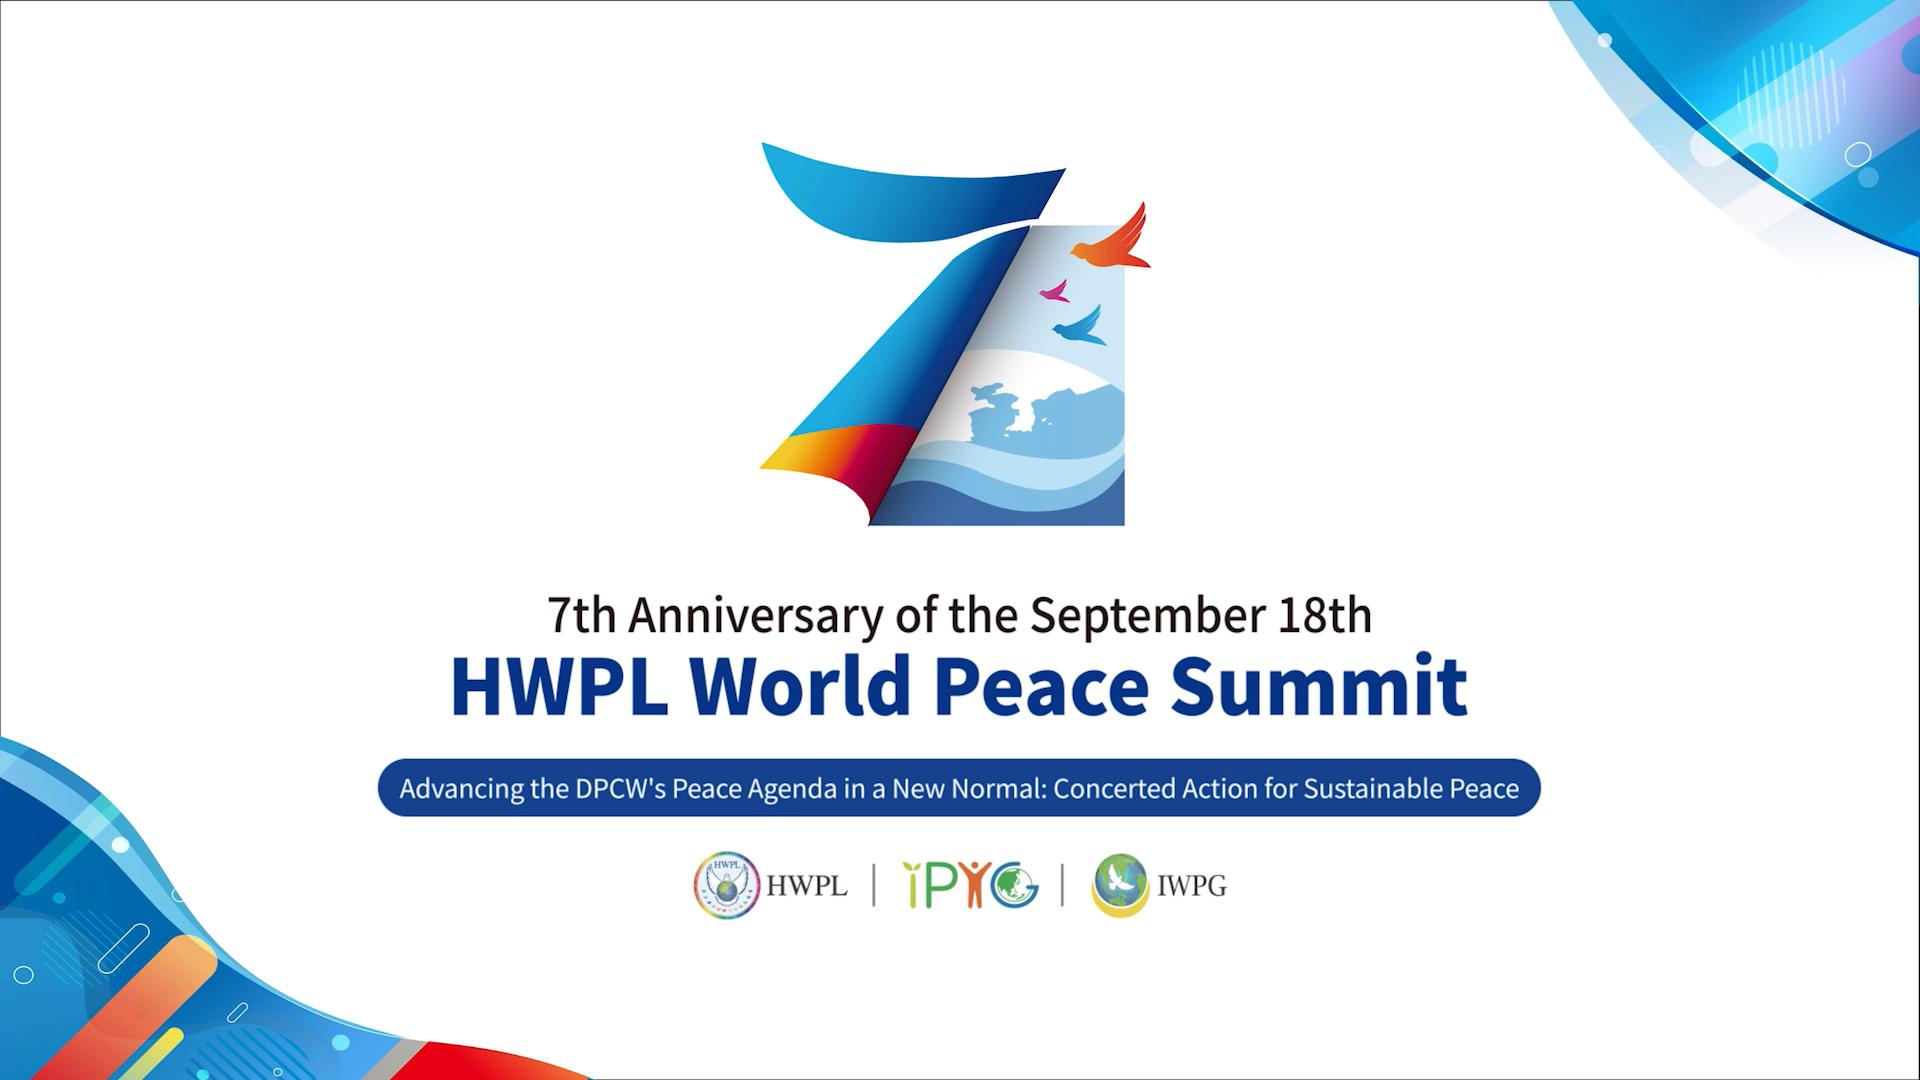 Asien News & Asien Infos & Asien Tipps @ Asien-123.de | 7. Jahrestag des HWPL World Peace Summits mit 32.500: Teilnehmern Stärkung der DPCW-Friedensagenda in der Post-Covid Ära - Gemeinsames Handeln für dauerhaften Frieden